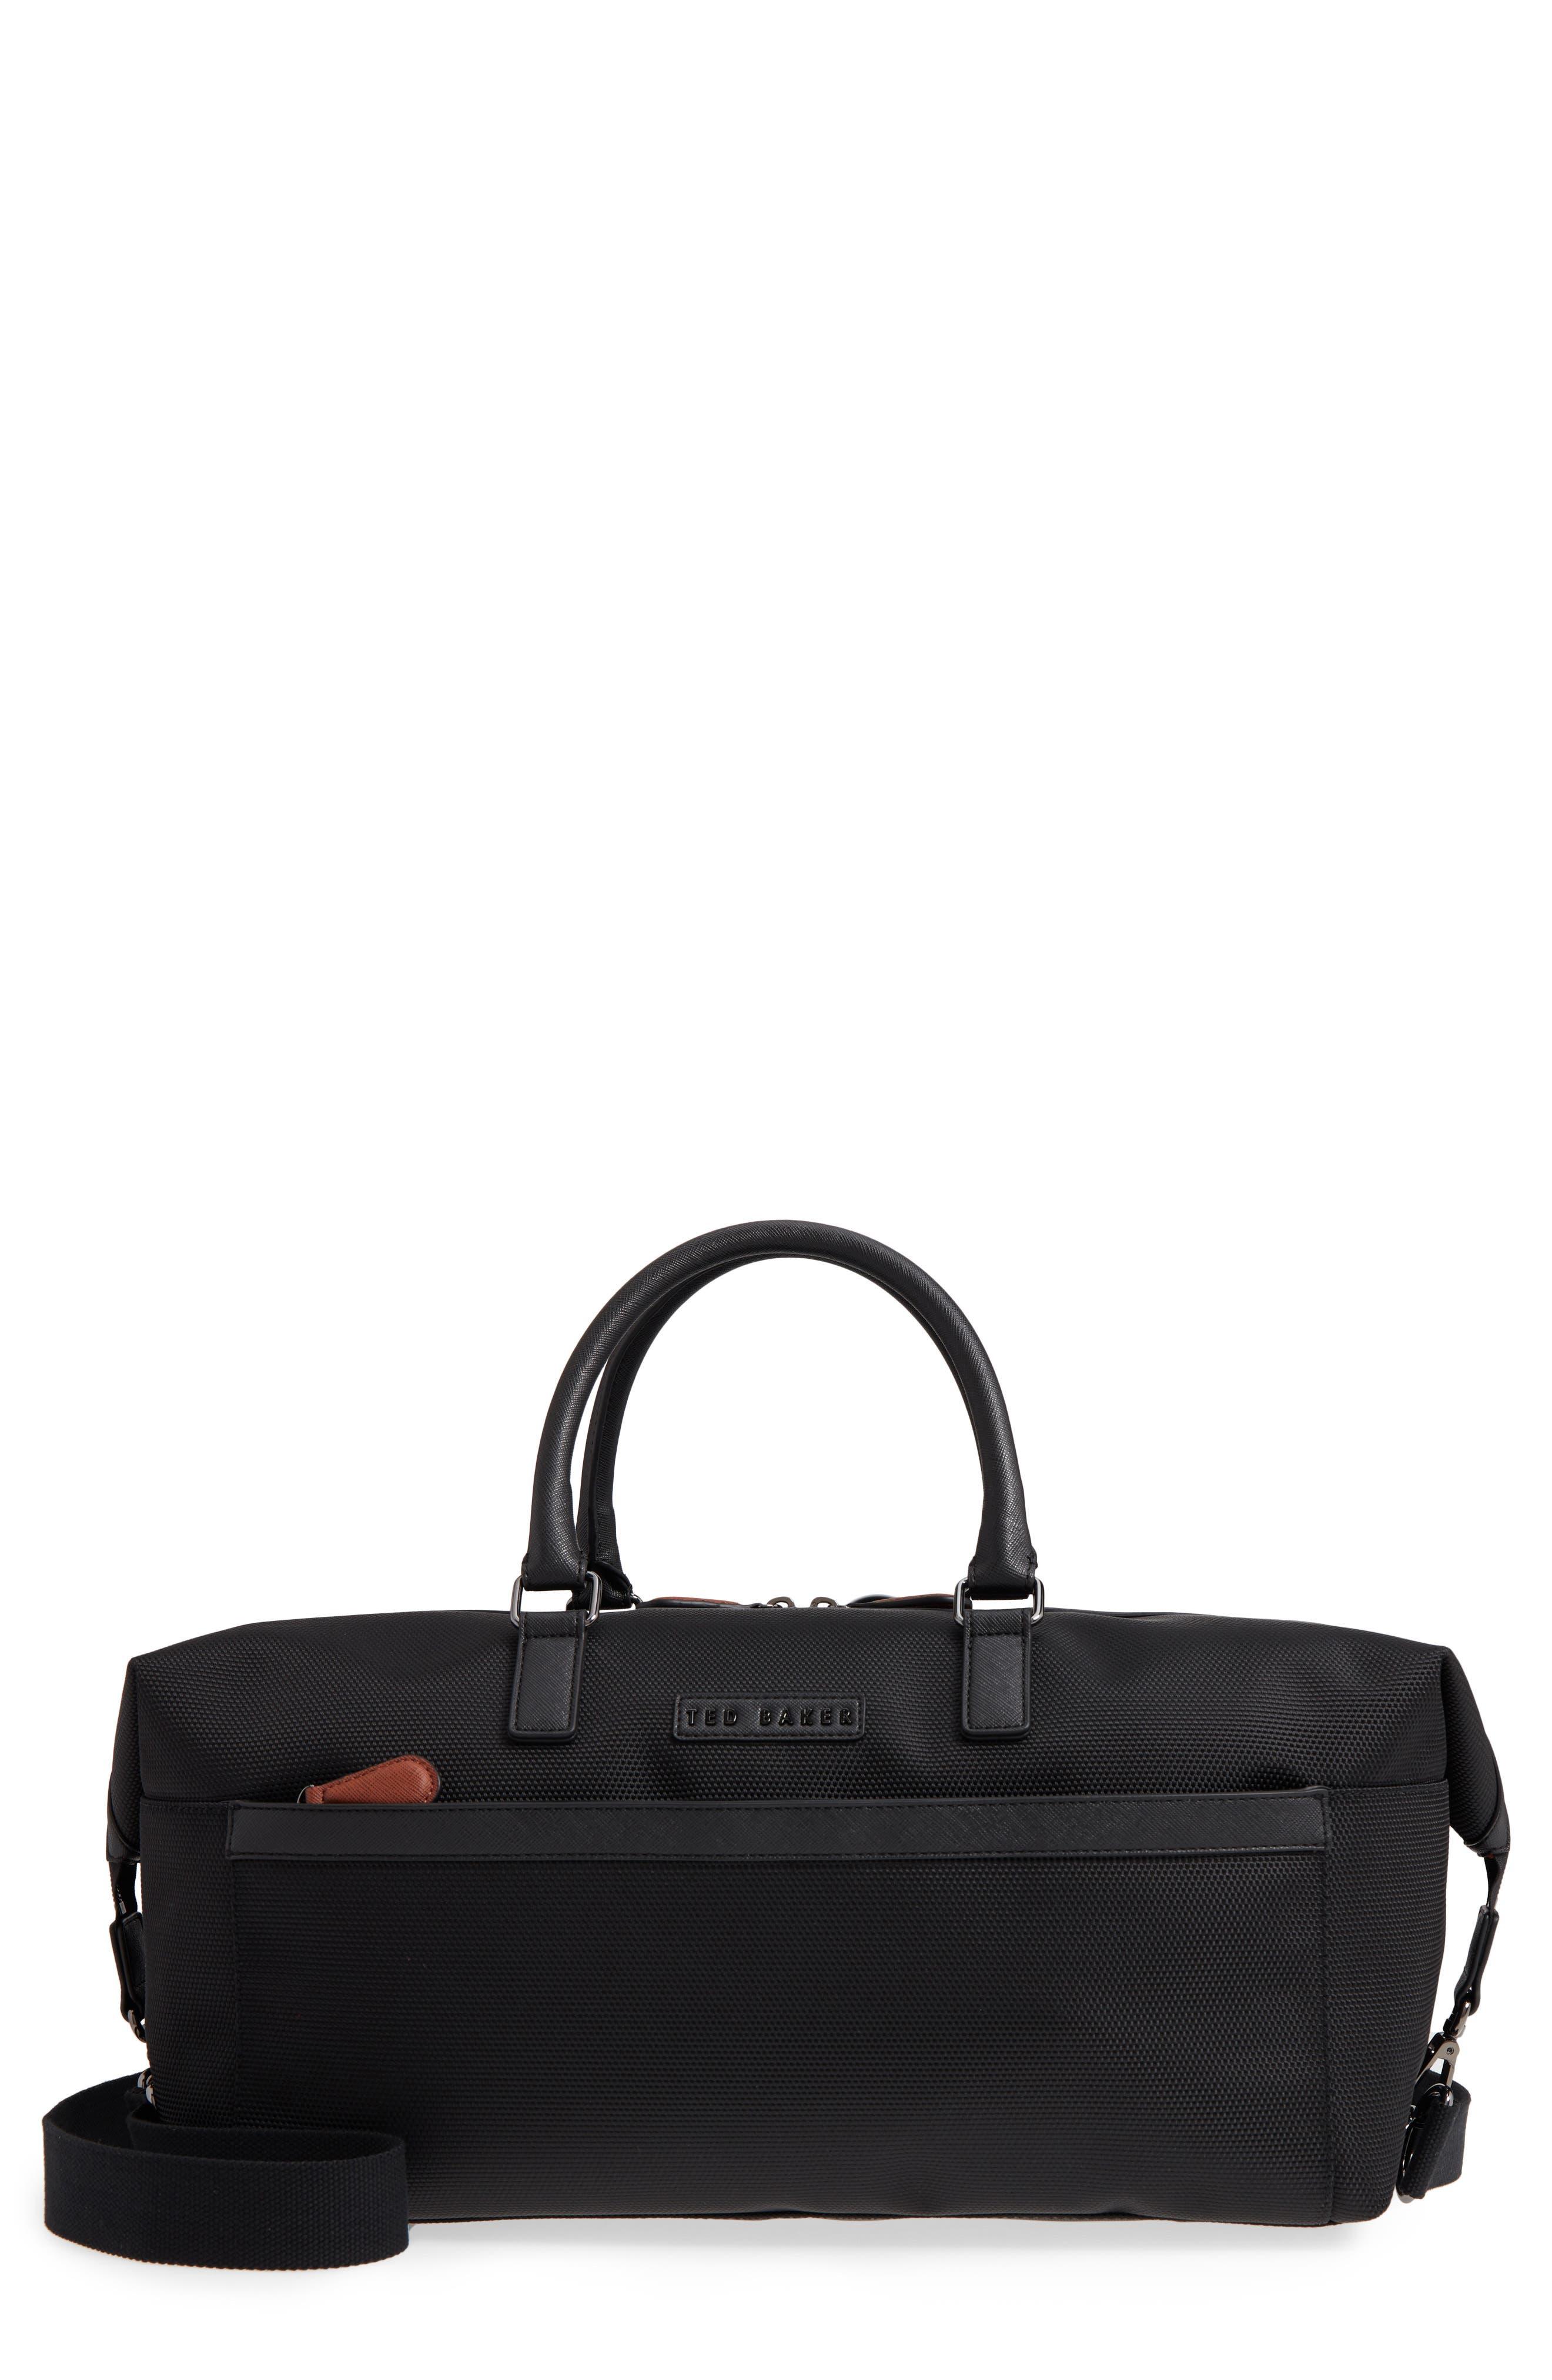 Smart Duffel Bag,                         Main,                         color, 001